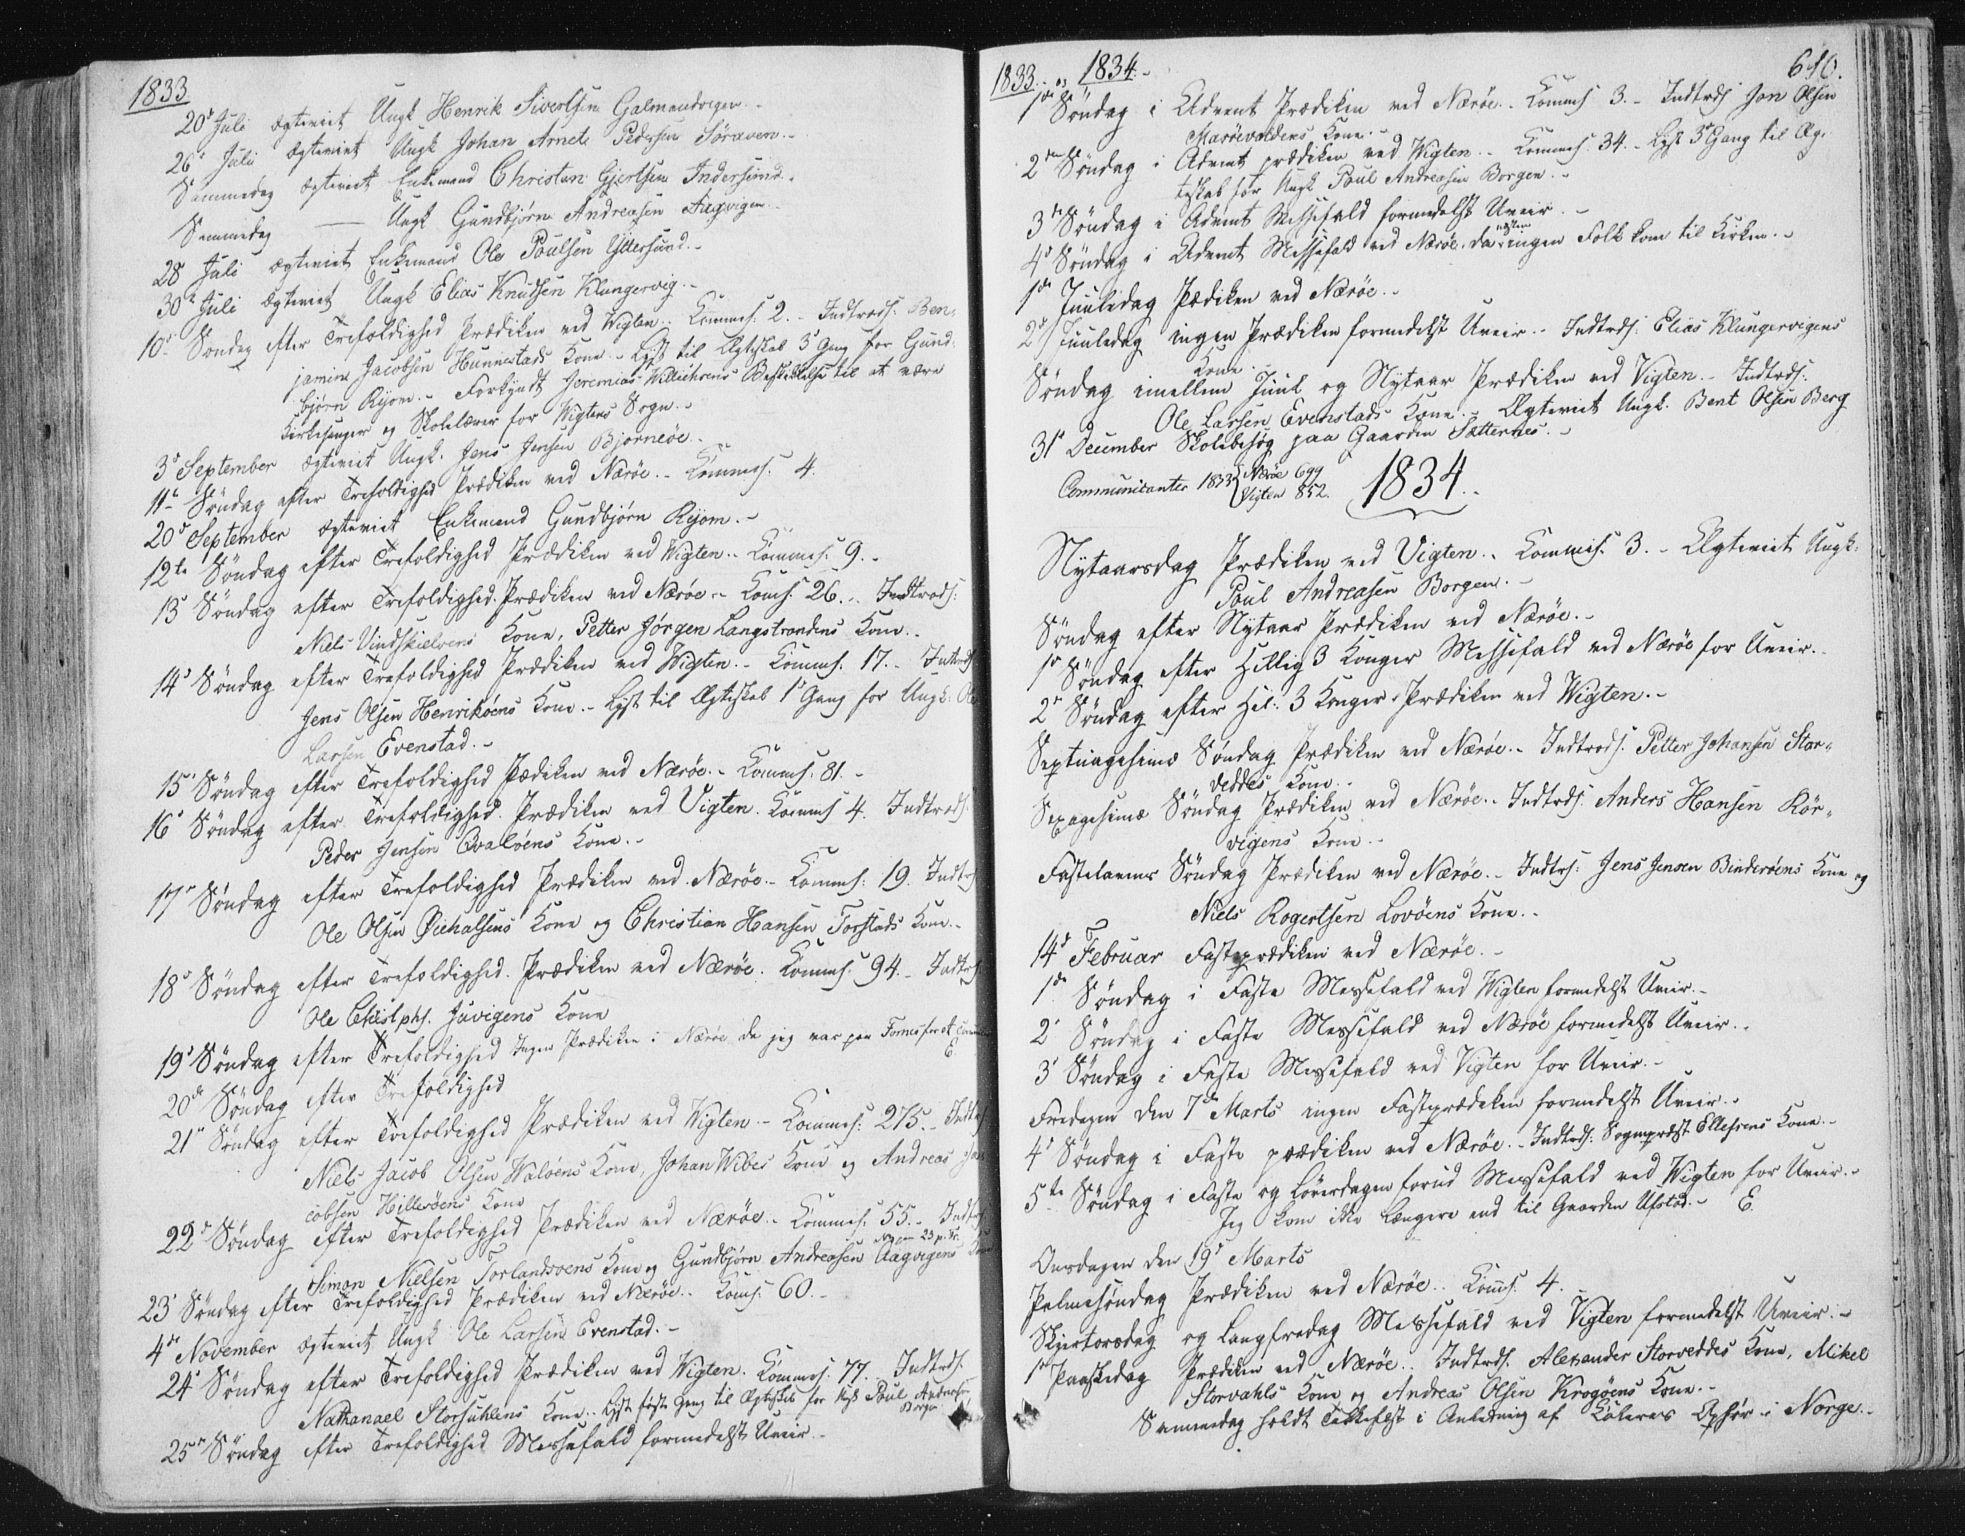 SAT, Ministerialprotokoller, klokkerbøker og fødselsregistre - Nord-Trøndelag, 784/L0669: Ministerialbok nr. 784A04, 1829-1859, s. 610